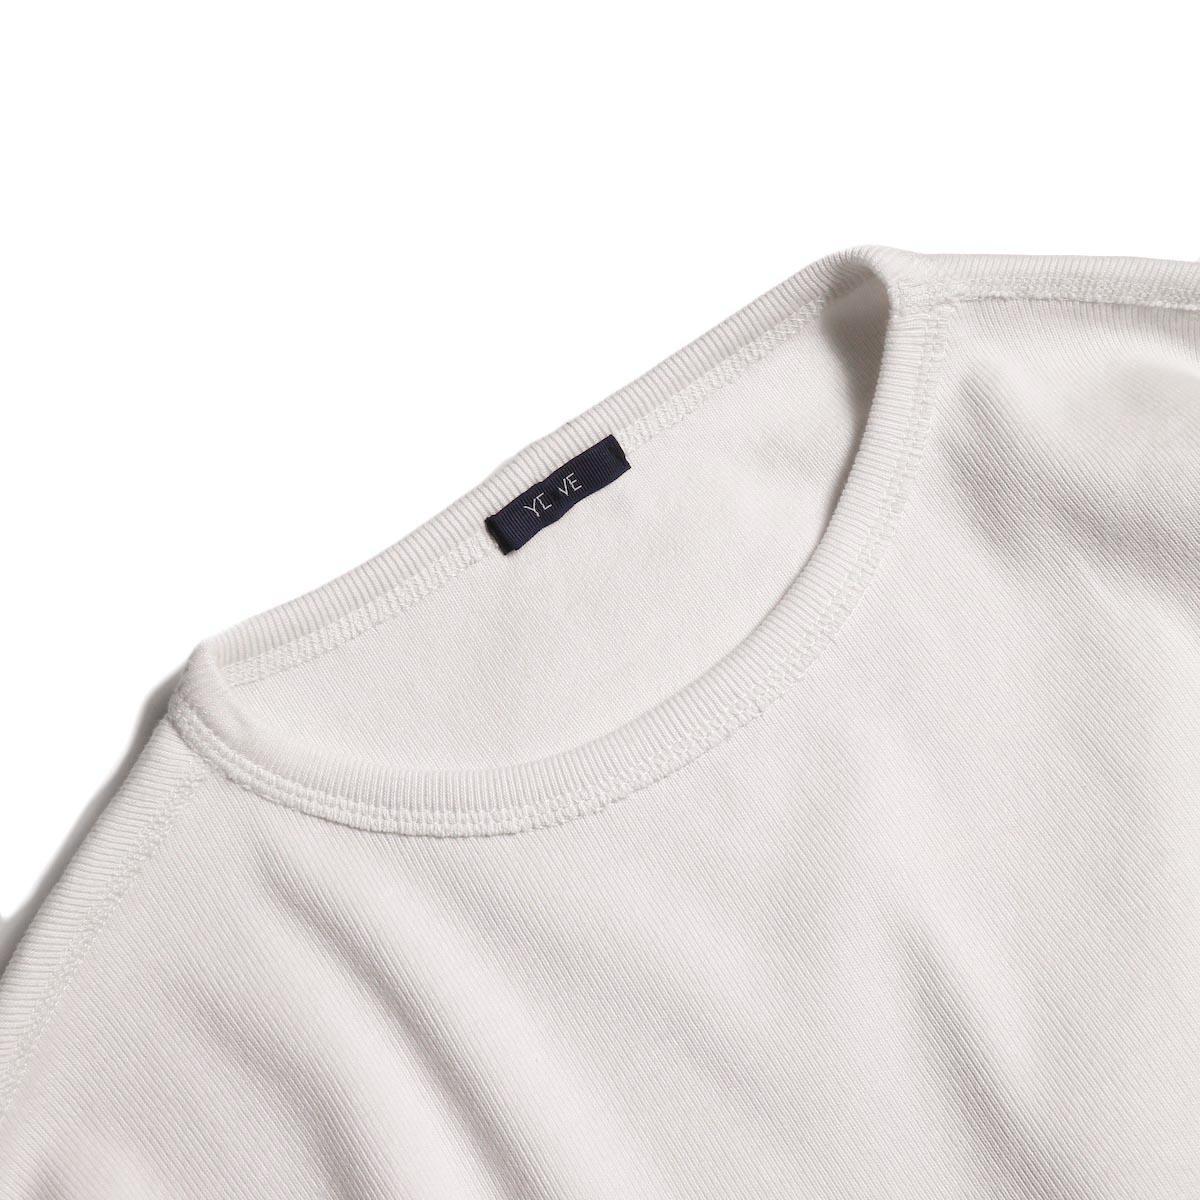 YLEVE / CTN RIB P/O (White) バインダーネック